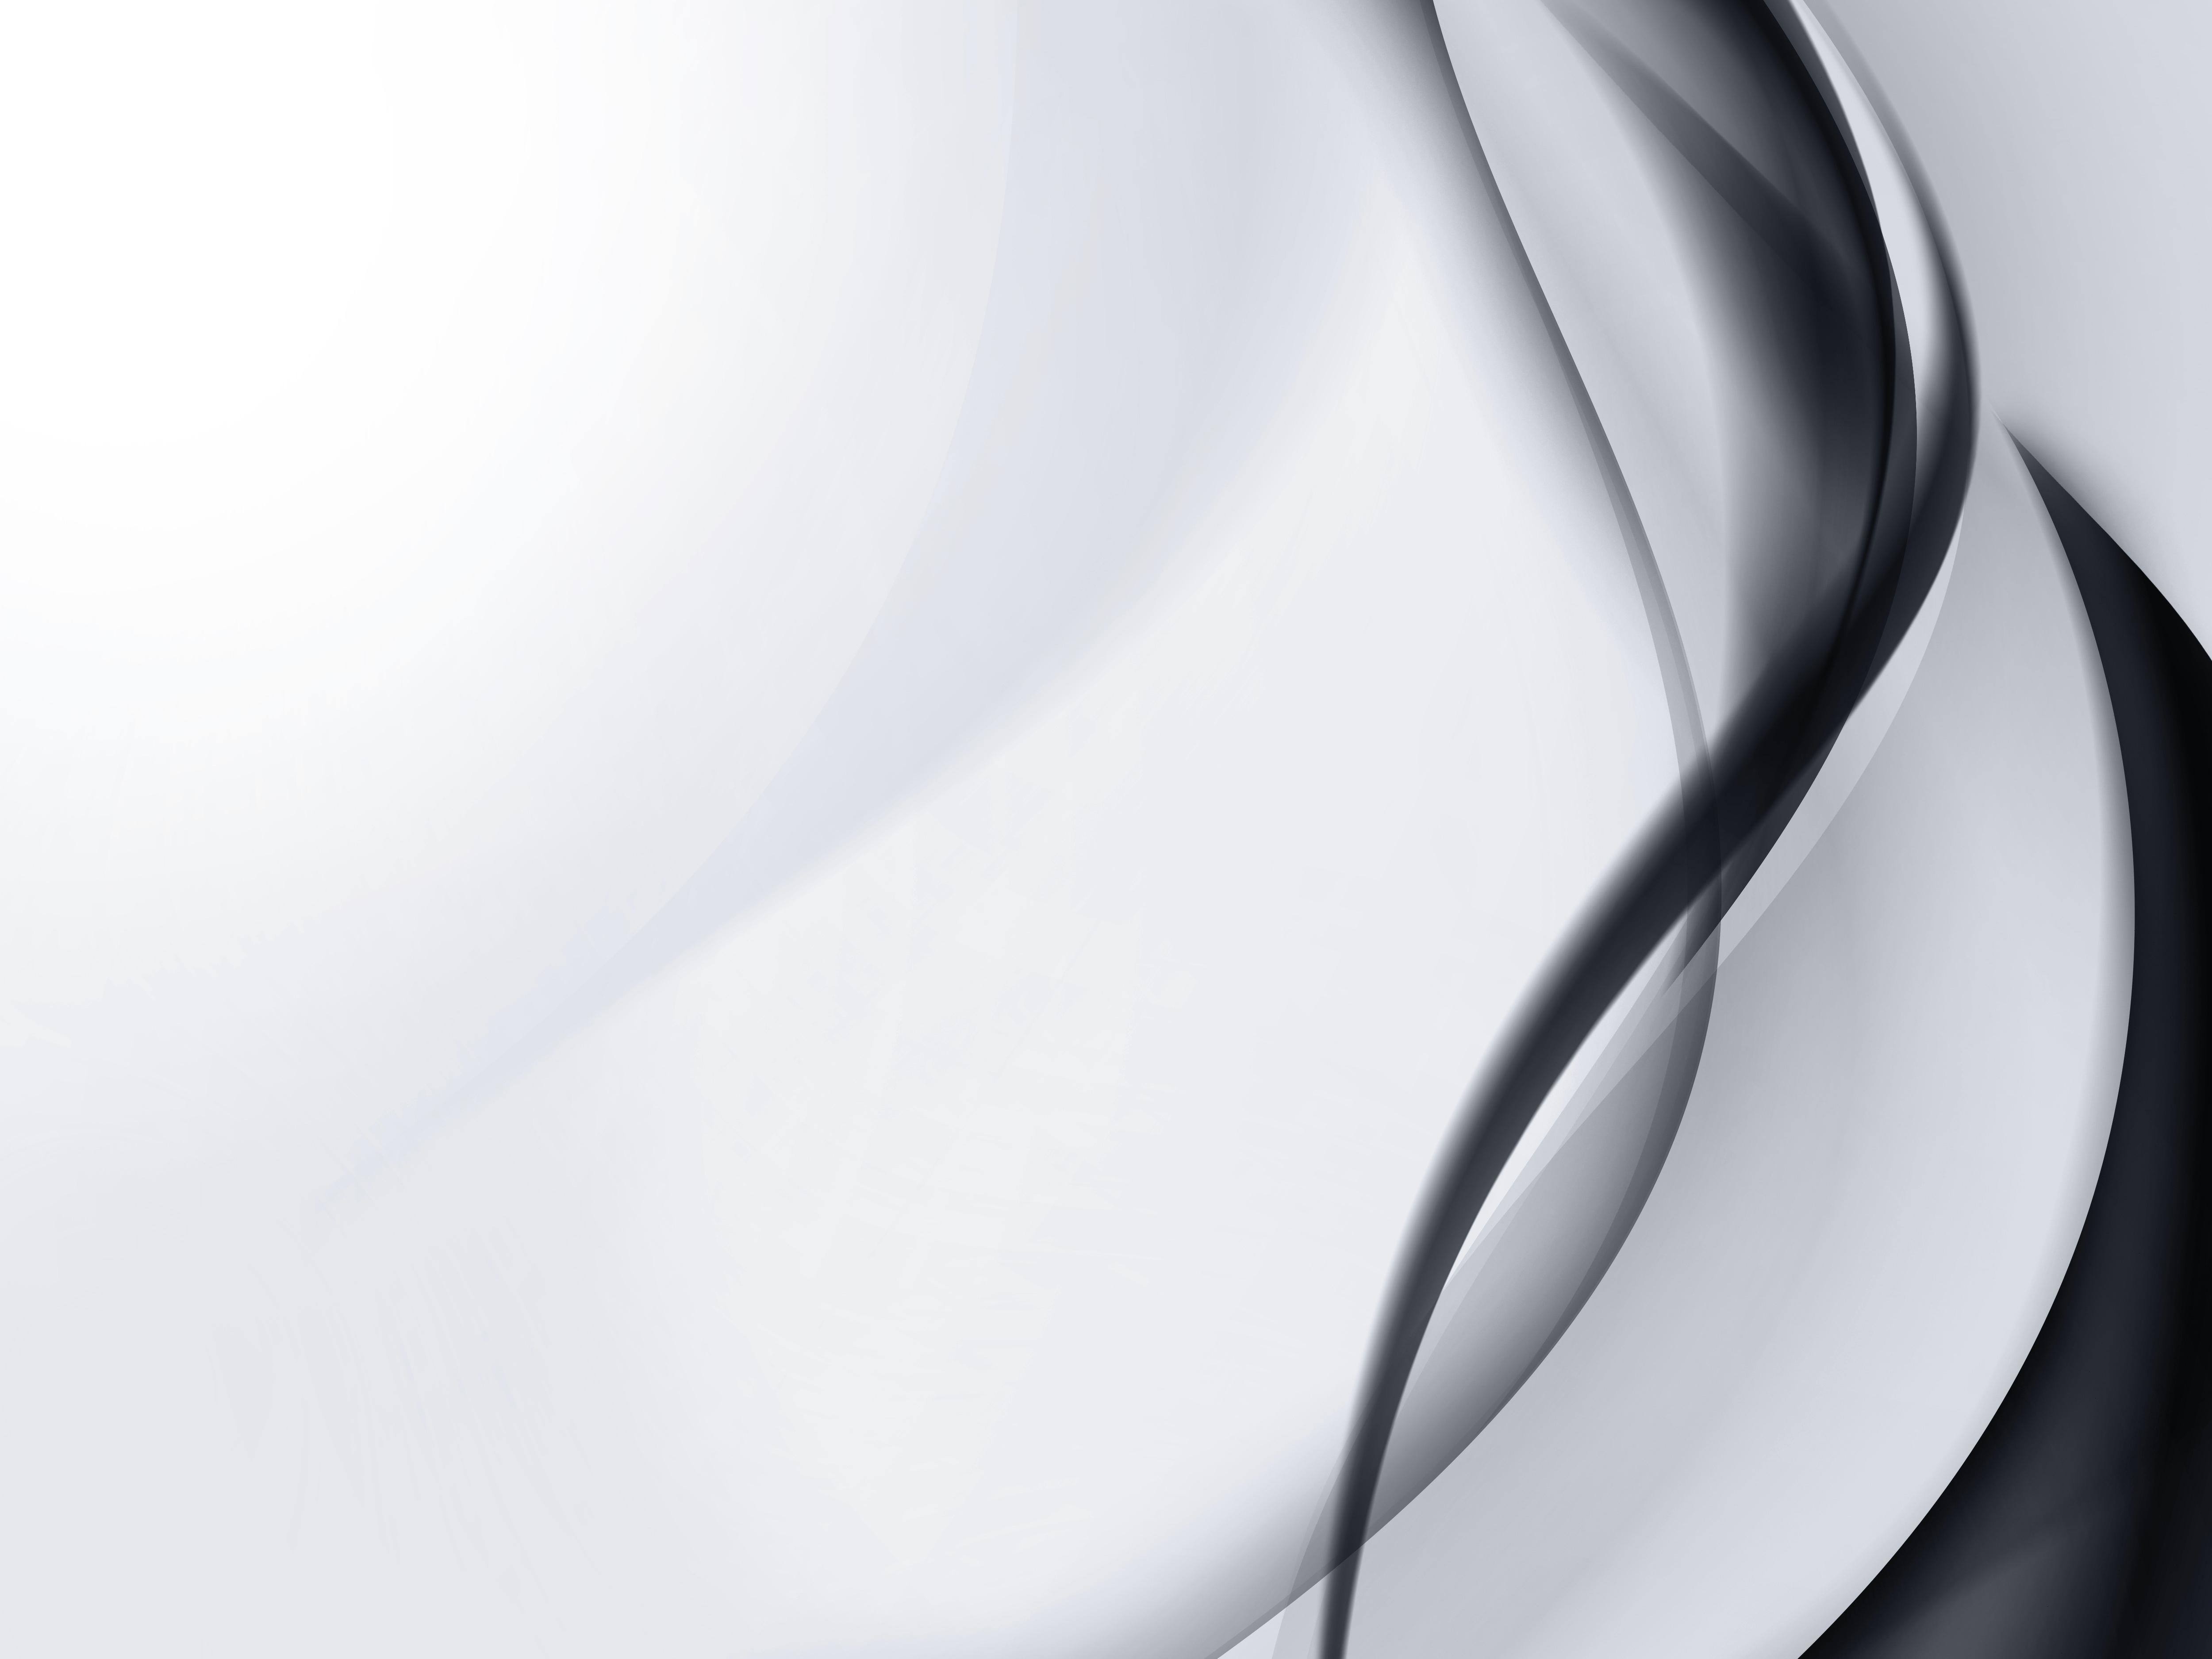 Wallpapers Abstrait Noir Et Blanc Maximumwall